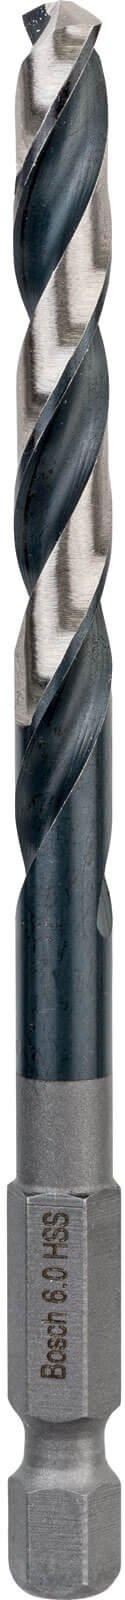 Bosch HSS Impact Drill Bit 6mm Pack of 1